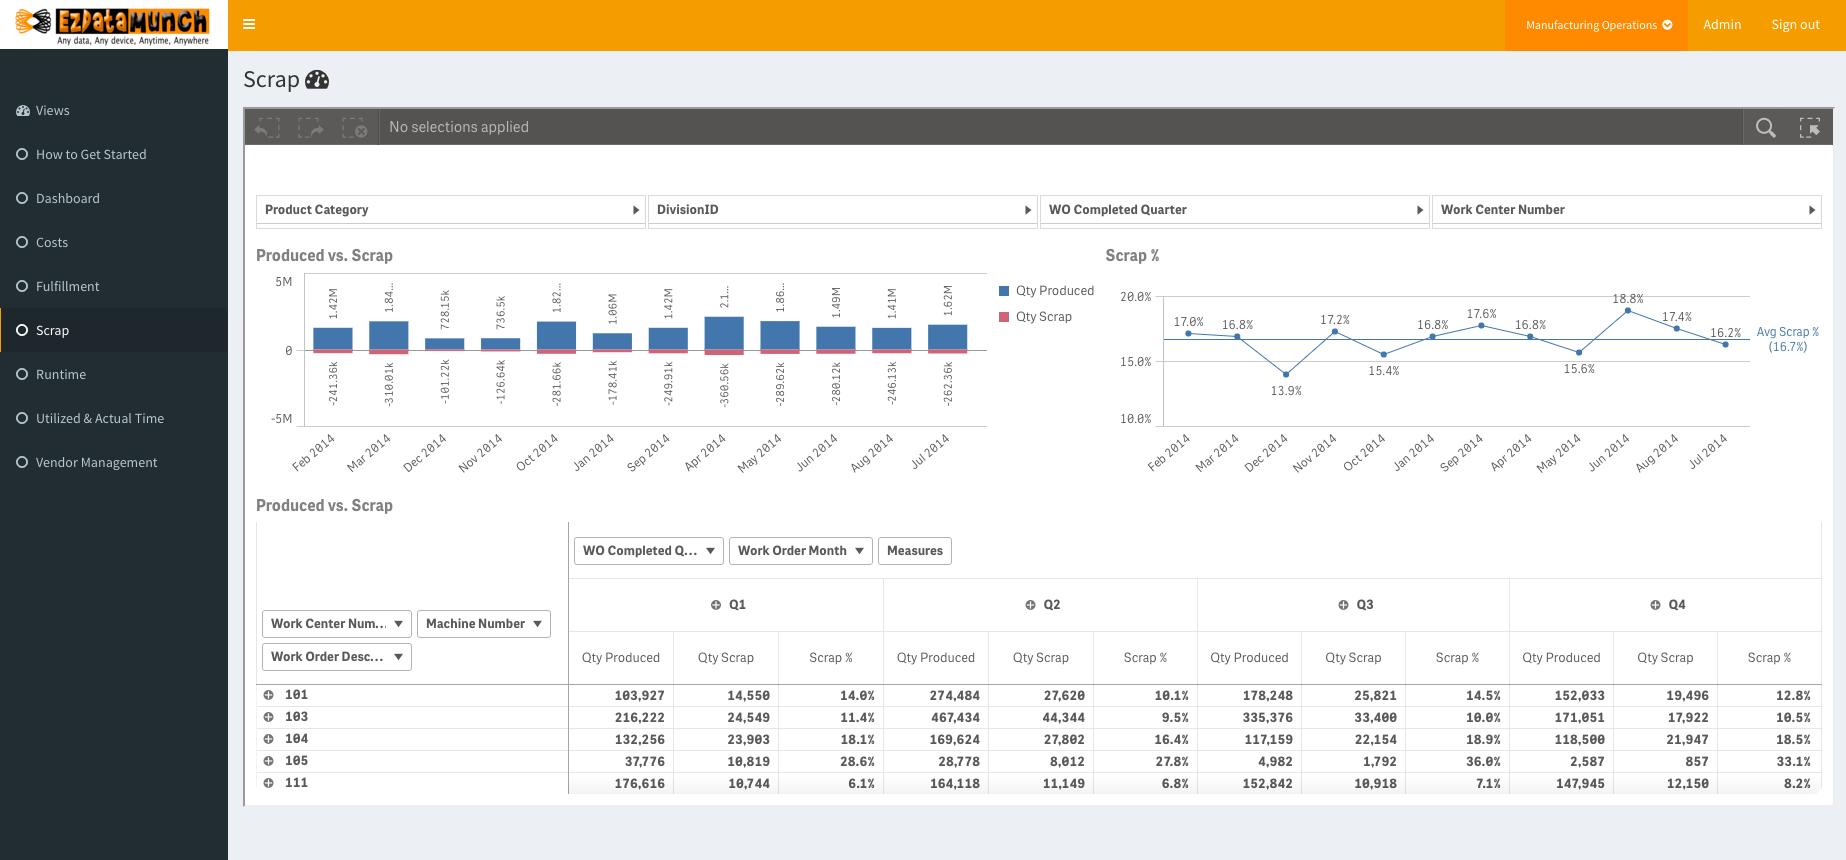 Production Analytics Dashboards Kansas Ezdatamunch